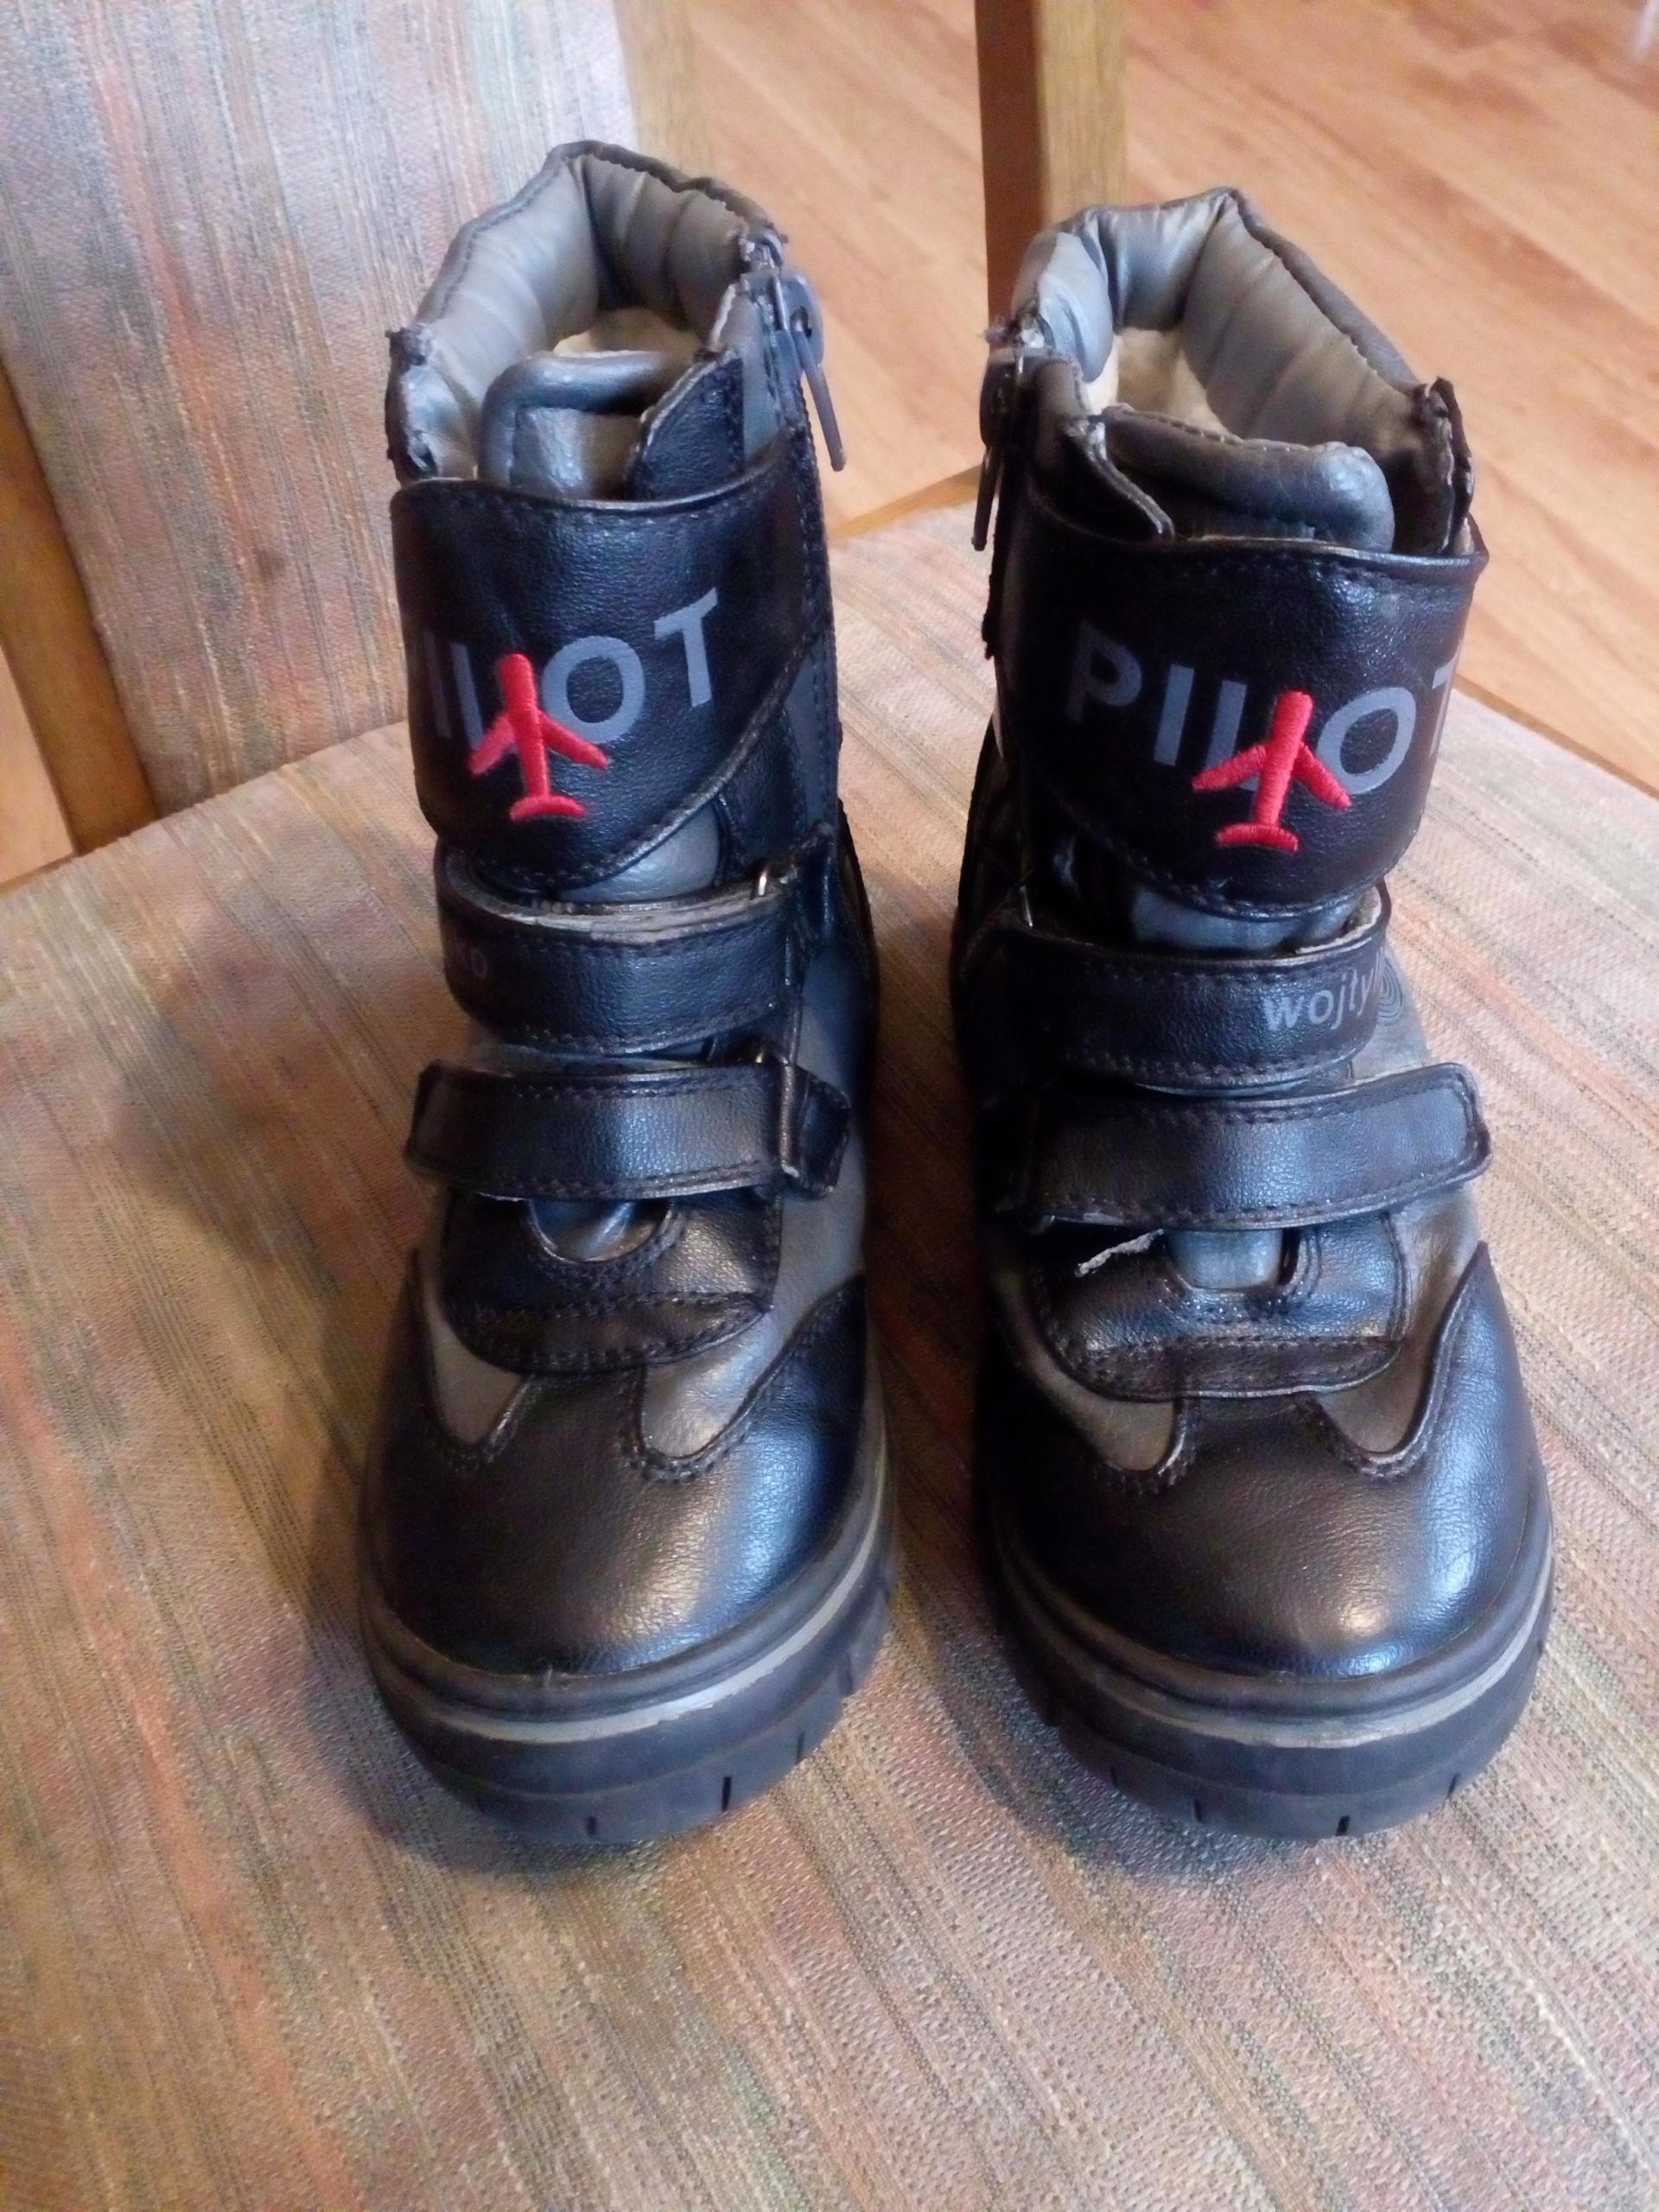 ee1ccb62 Zimowe chłopięce buty w rozm. 29 WOJTYŁKO - 7584804064 - oficjalne ...